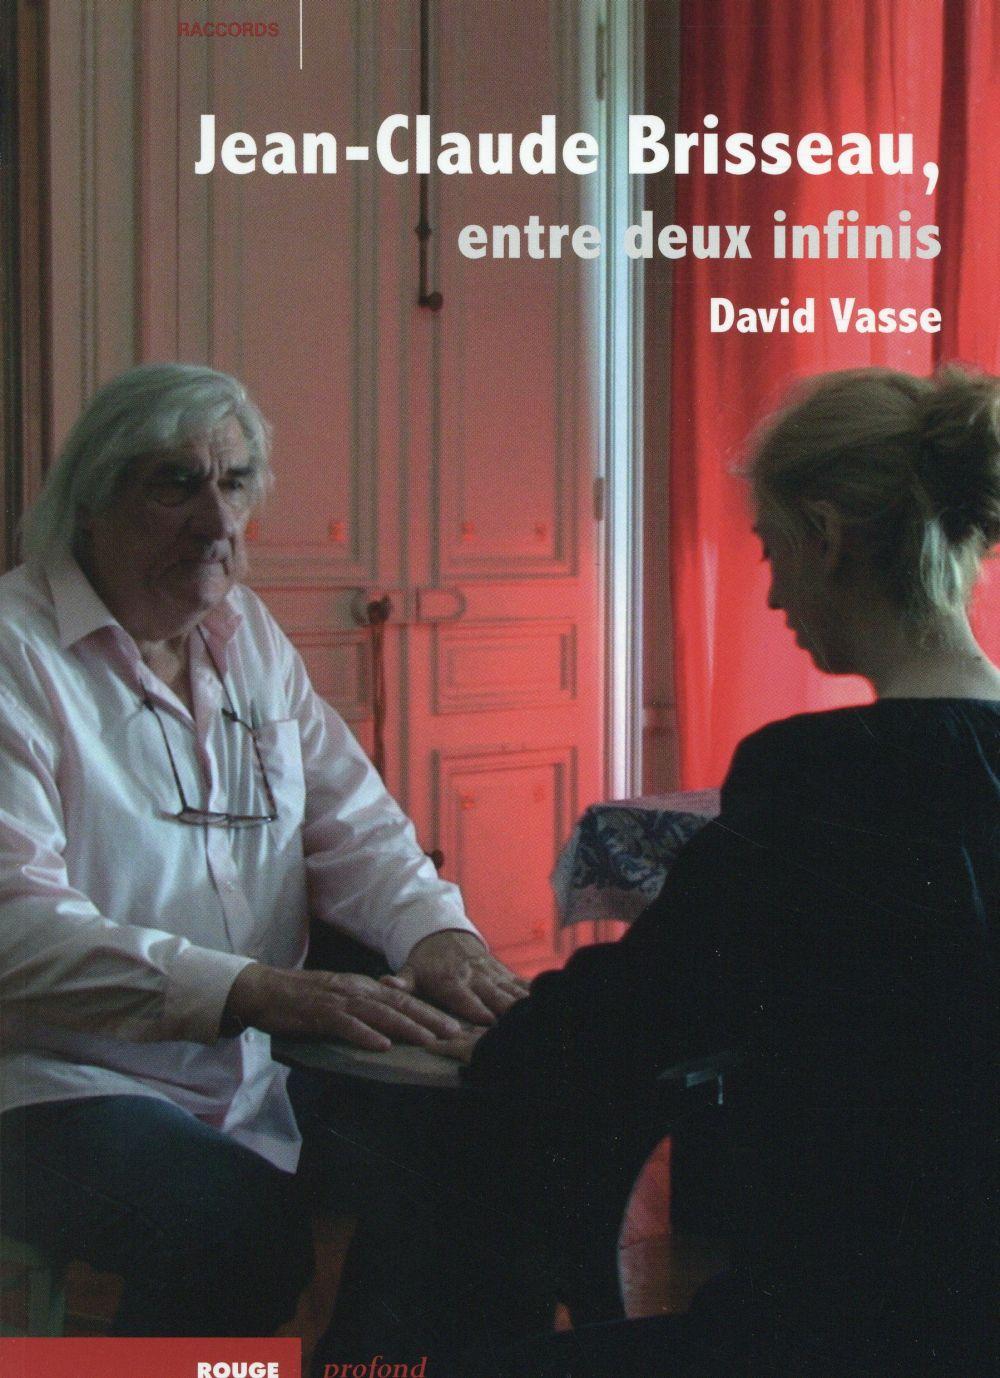 Jean-Claude Brisseau, entre deux infinis